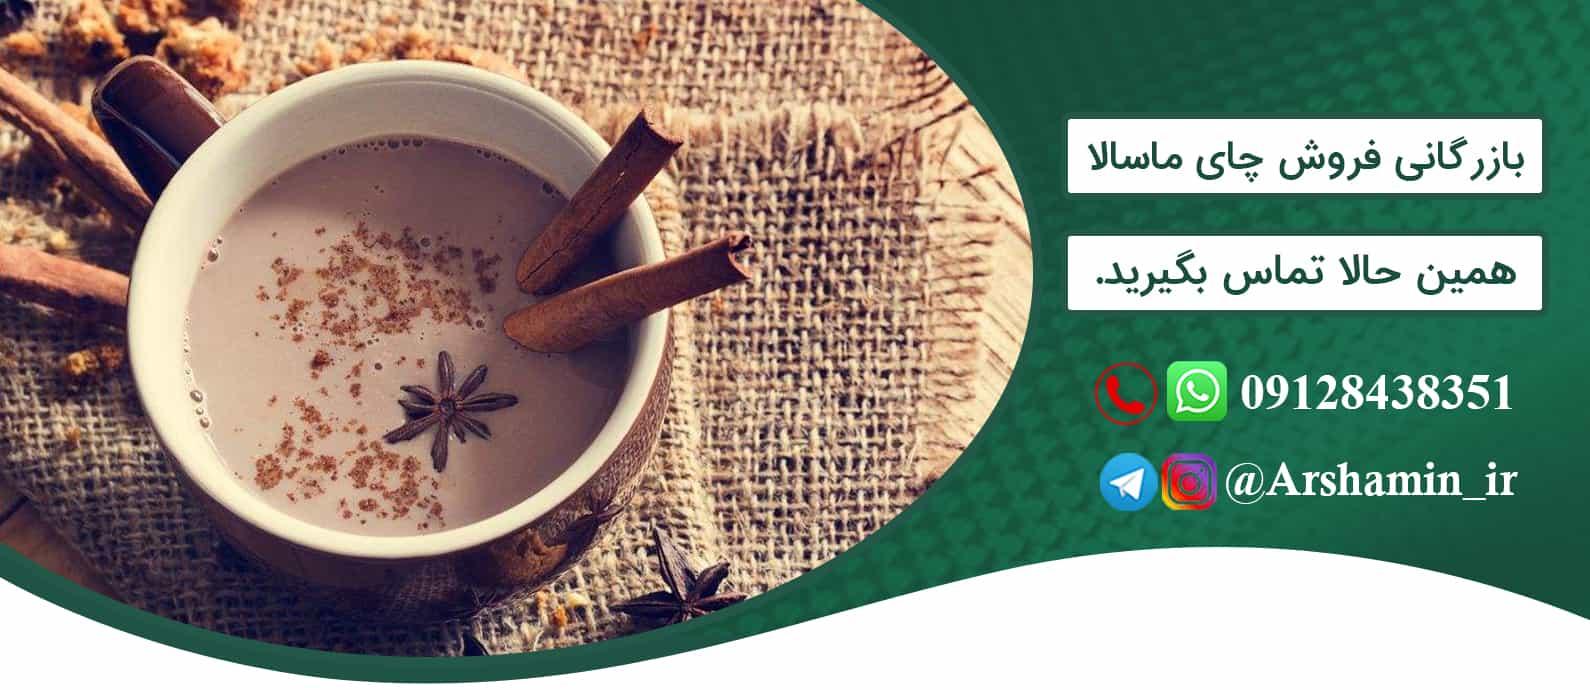 بازرگانی فروش چای ماسالا